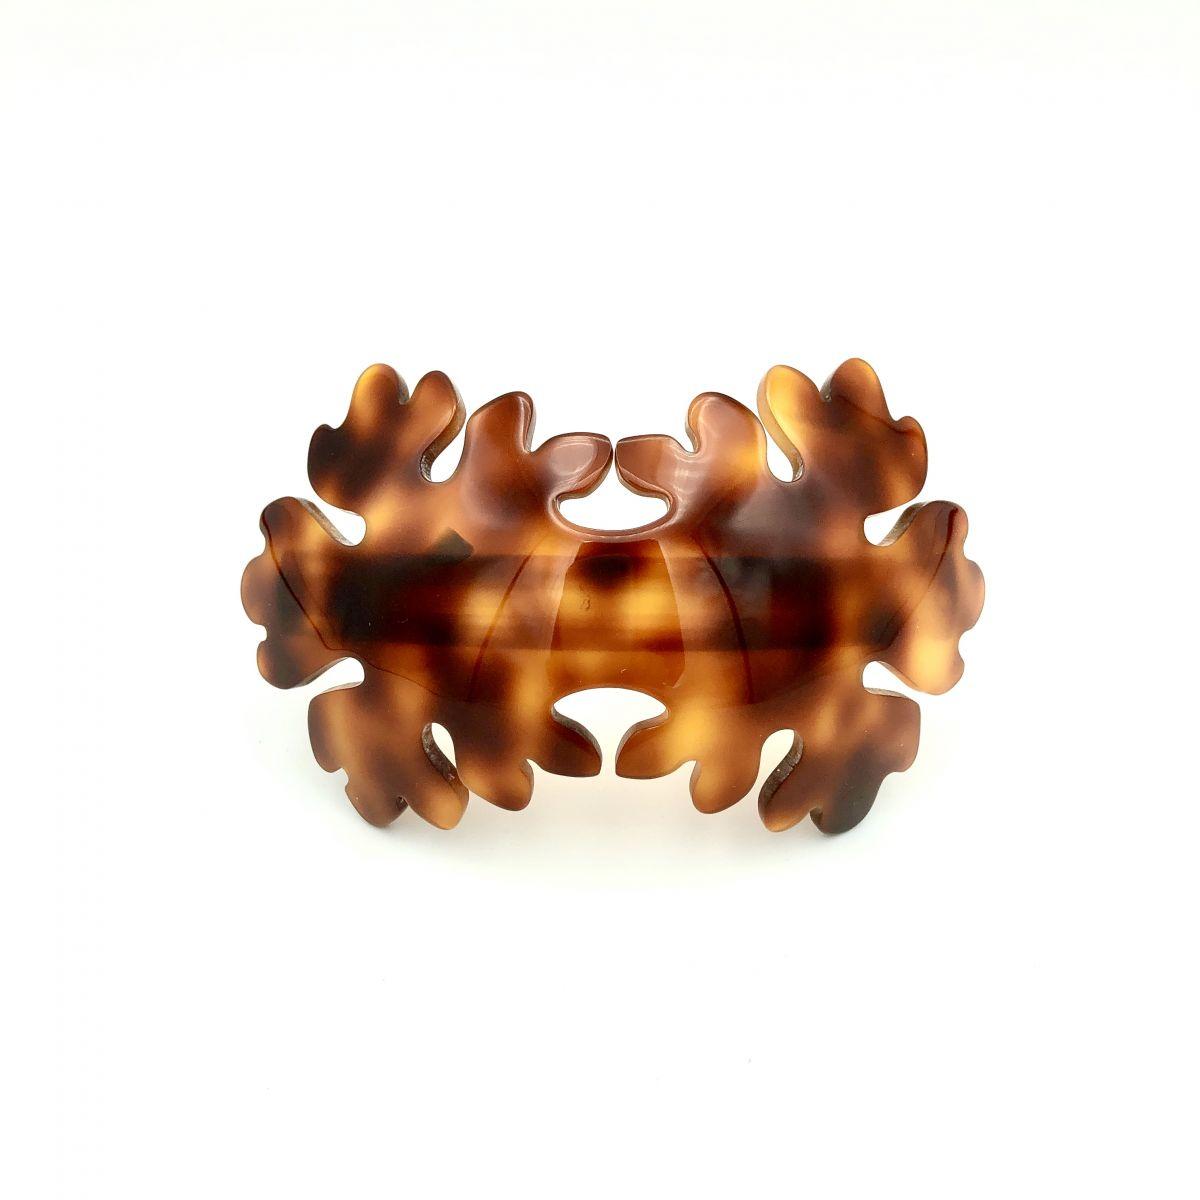 Haarspange rotbraun - groß, gebogen, Blume - 10,2 cm